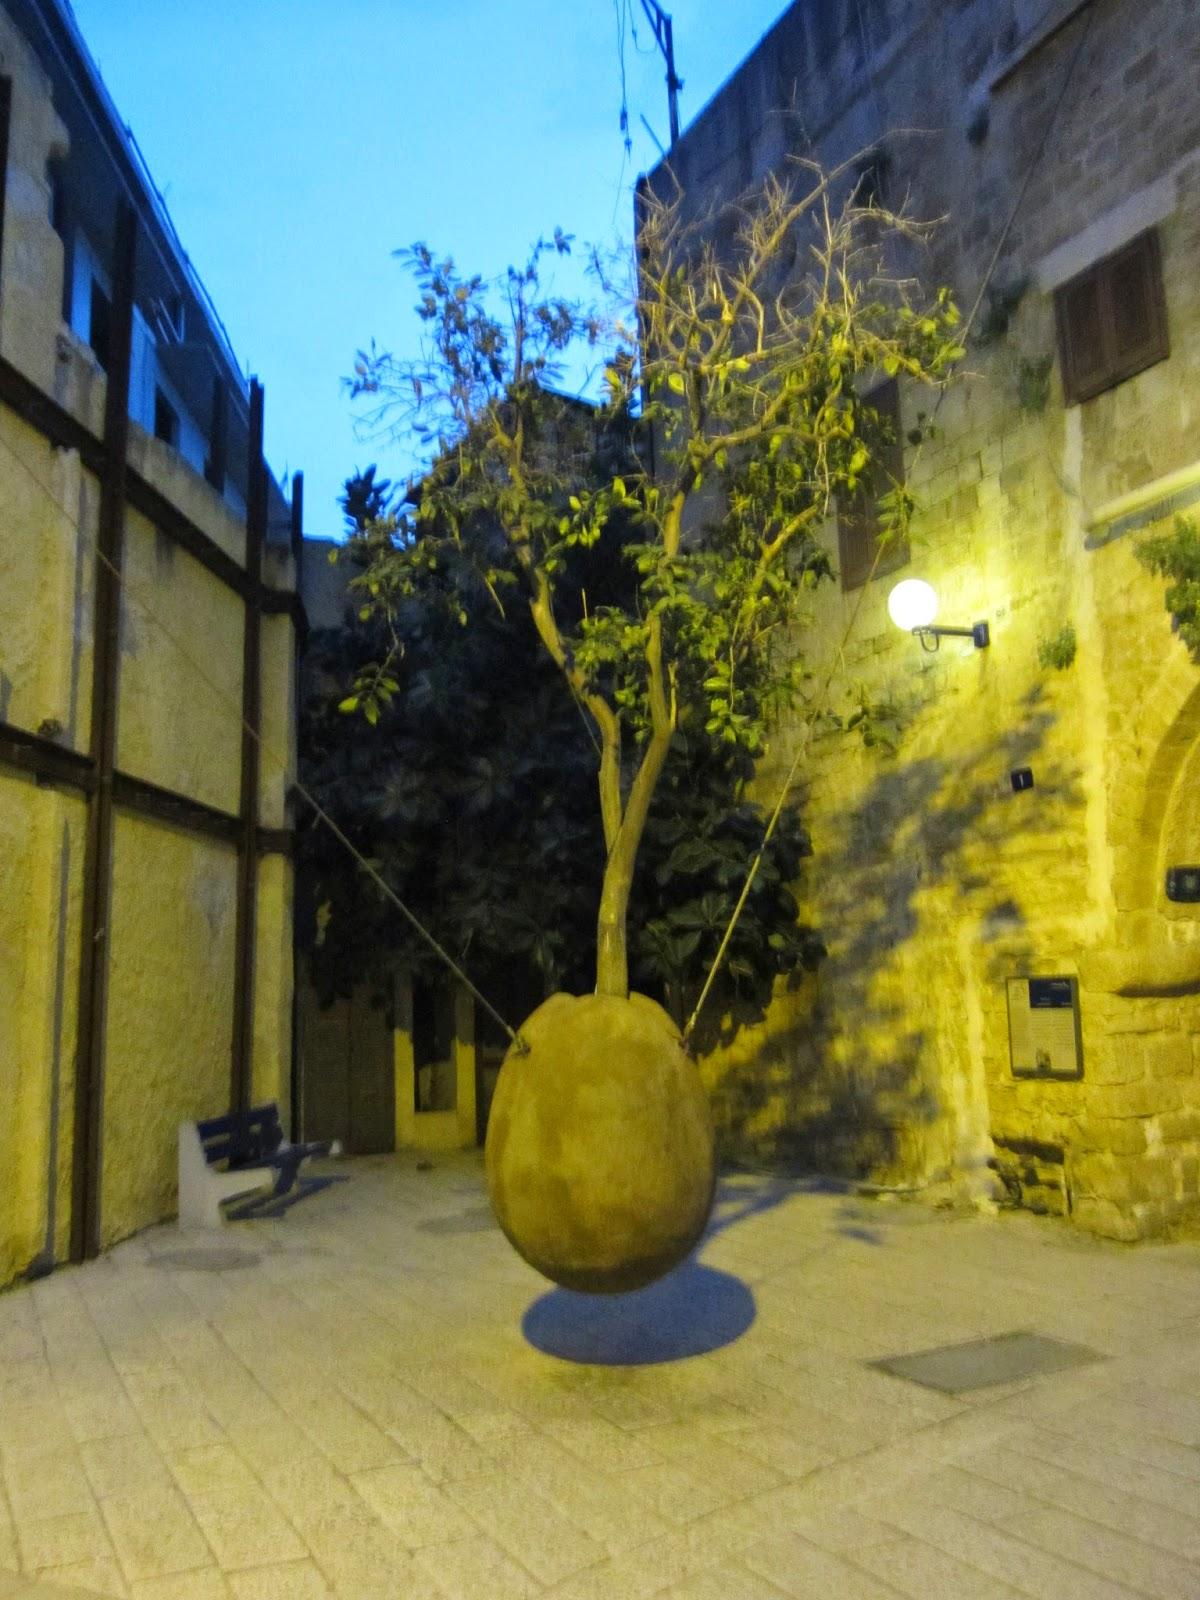 Oranger Suspendu, Jaffa